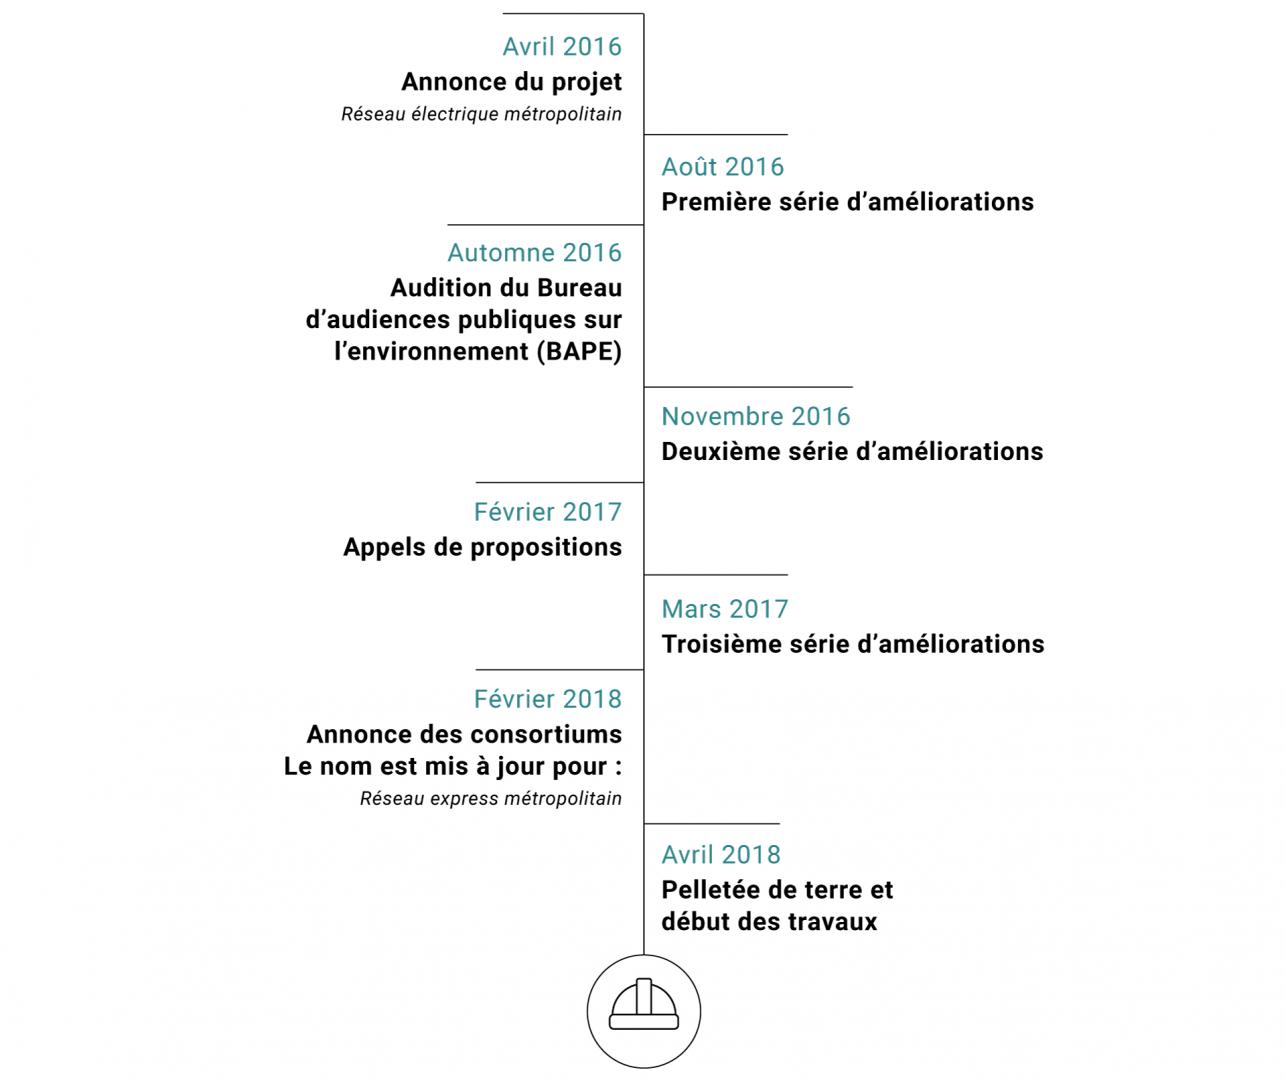 Dates importantes du projet REM